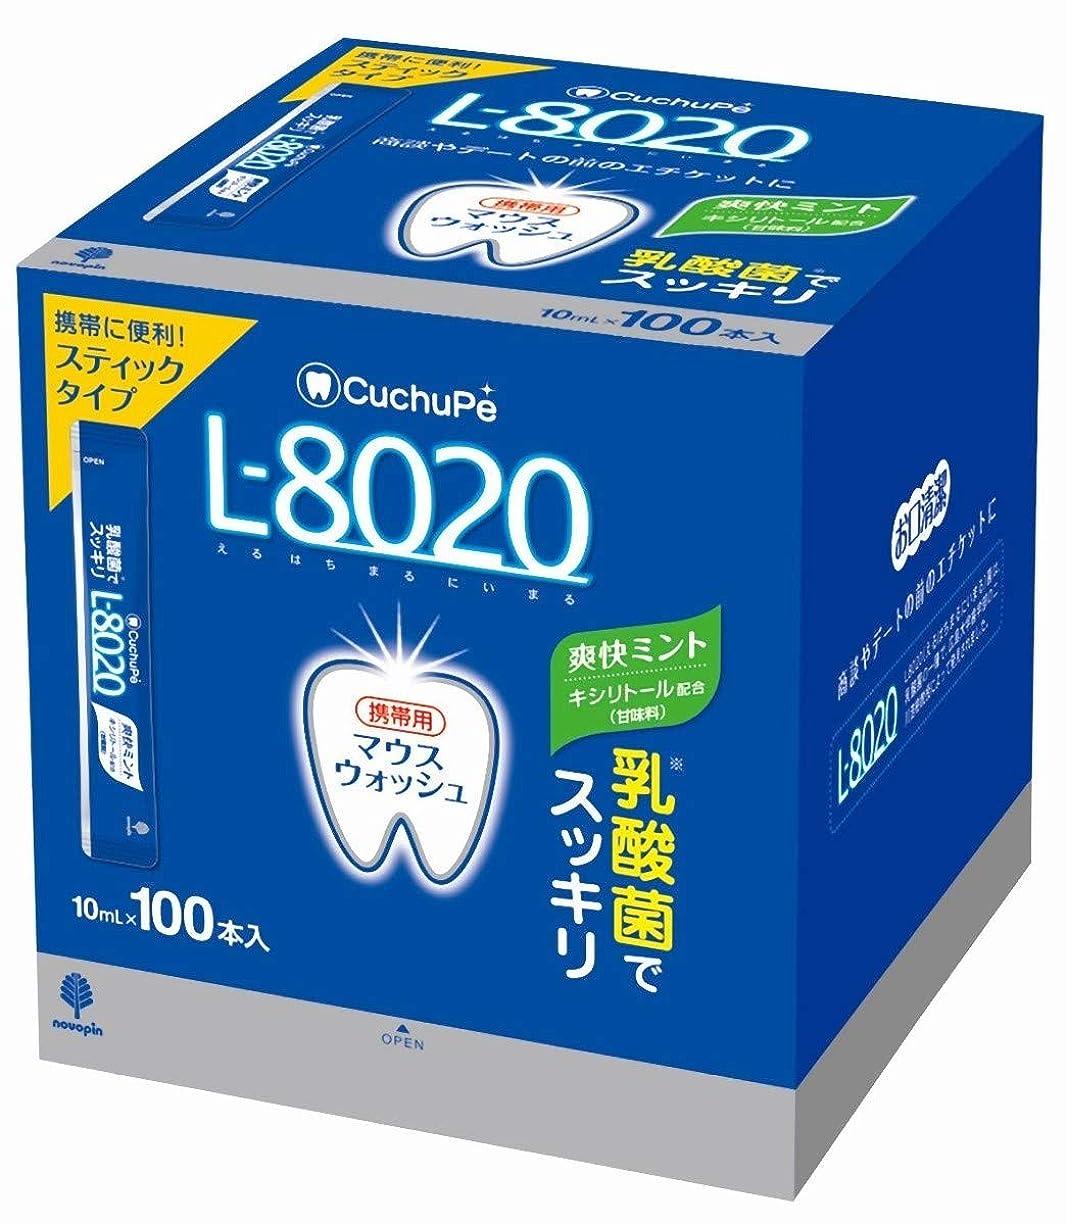 創造超越するズームインする日本製 made in japan クチュッペL-8020 爽快ミント スティックタイプ100本入(アルコール) K-7091【まとめ買い10個セット】